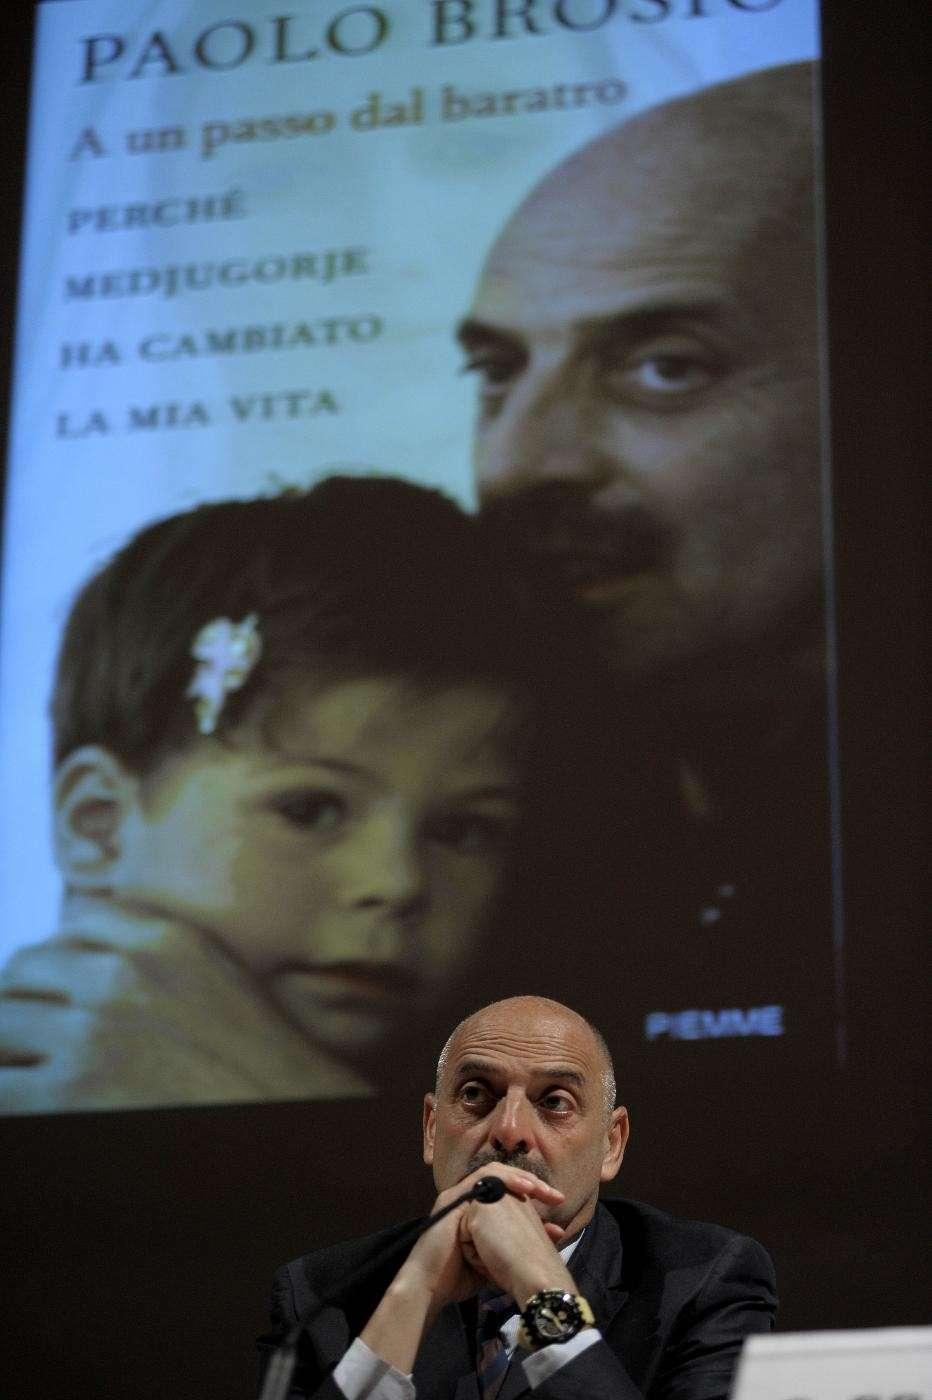 Paolo Brosio al salone del libro di Torino